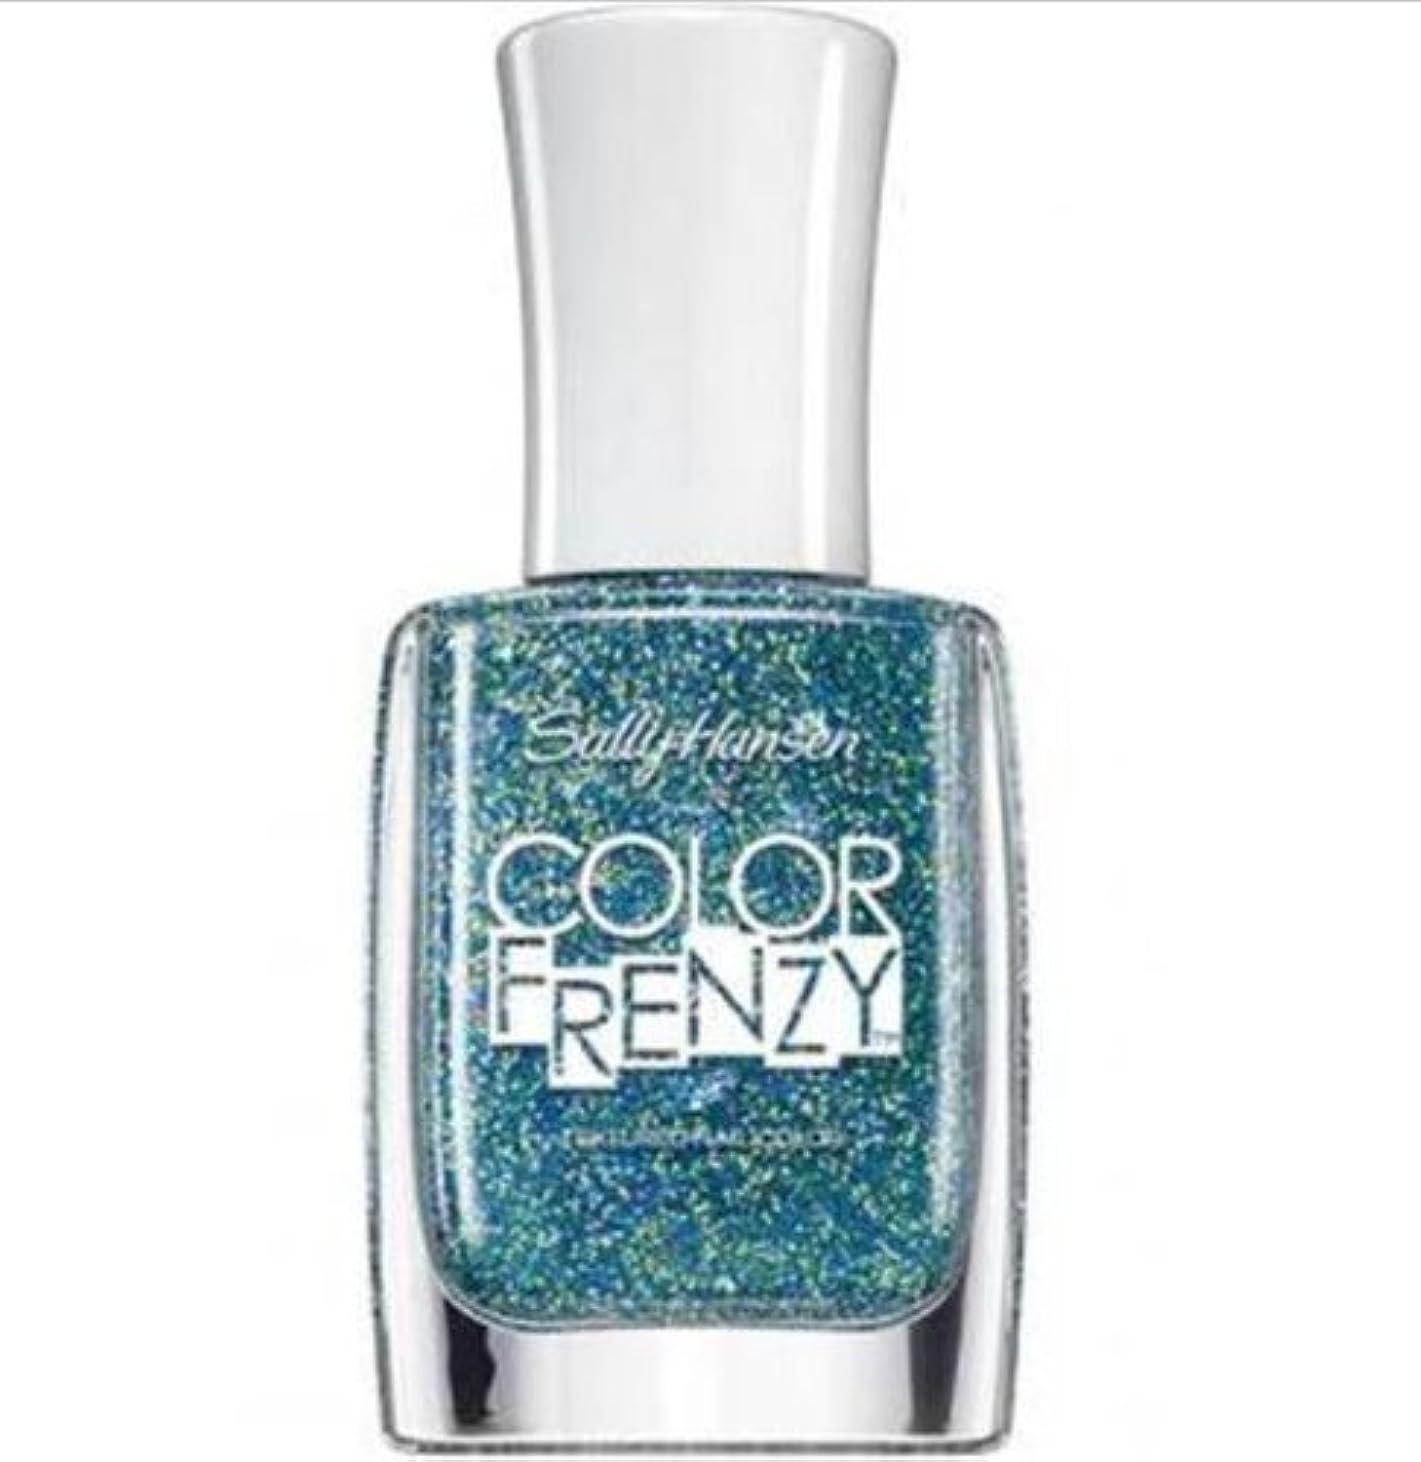 囚人情熱目立つSALLY HANSEN Color Frenzy Textured Nail Color - Sea Salt (並行輸入品)